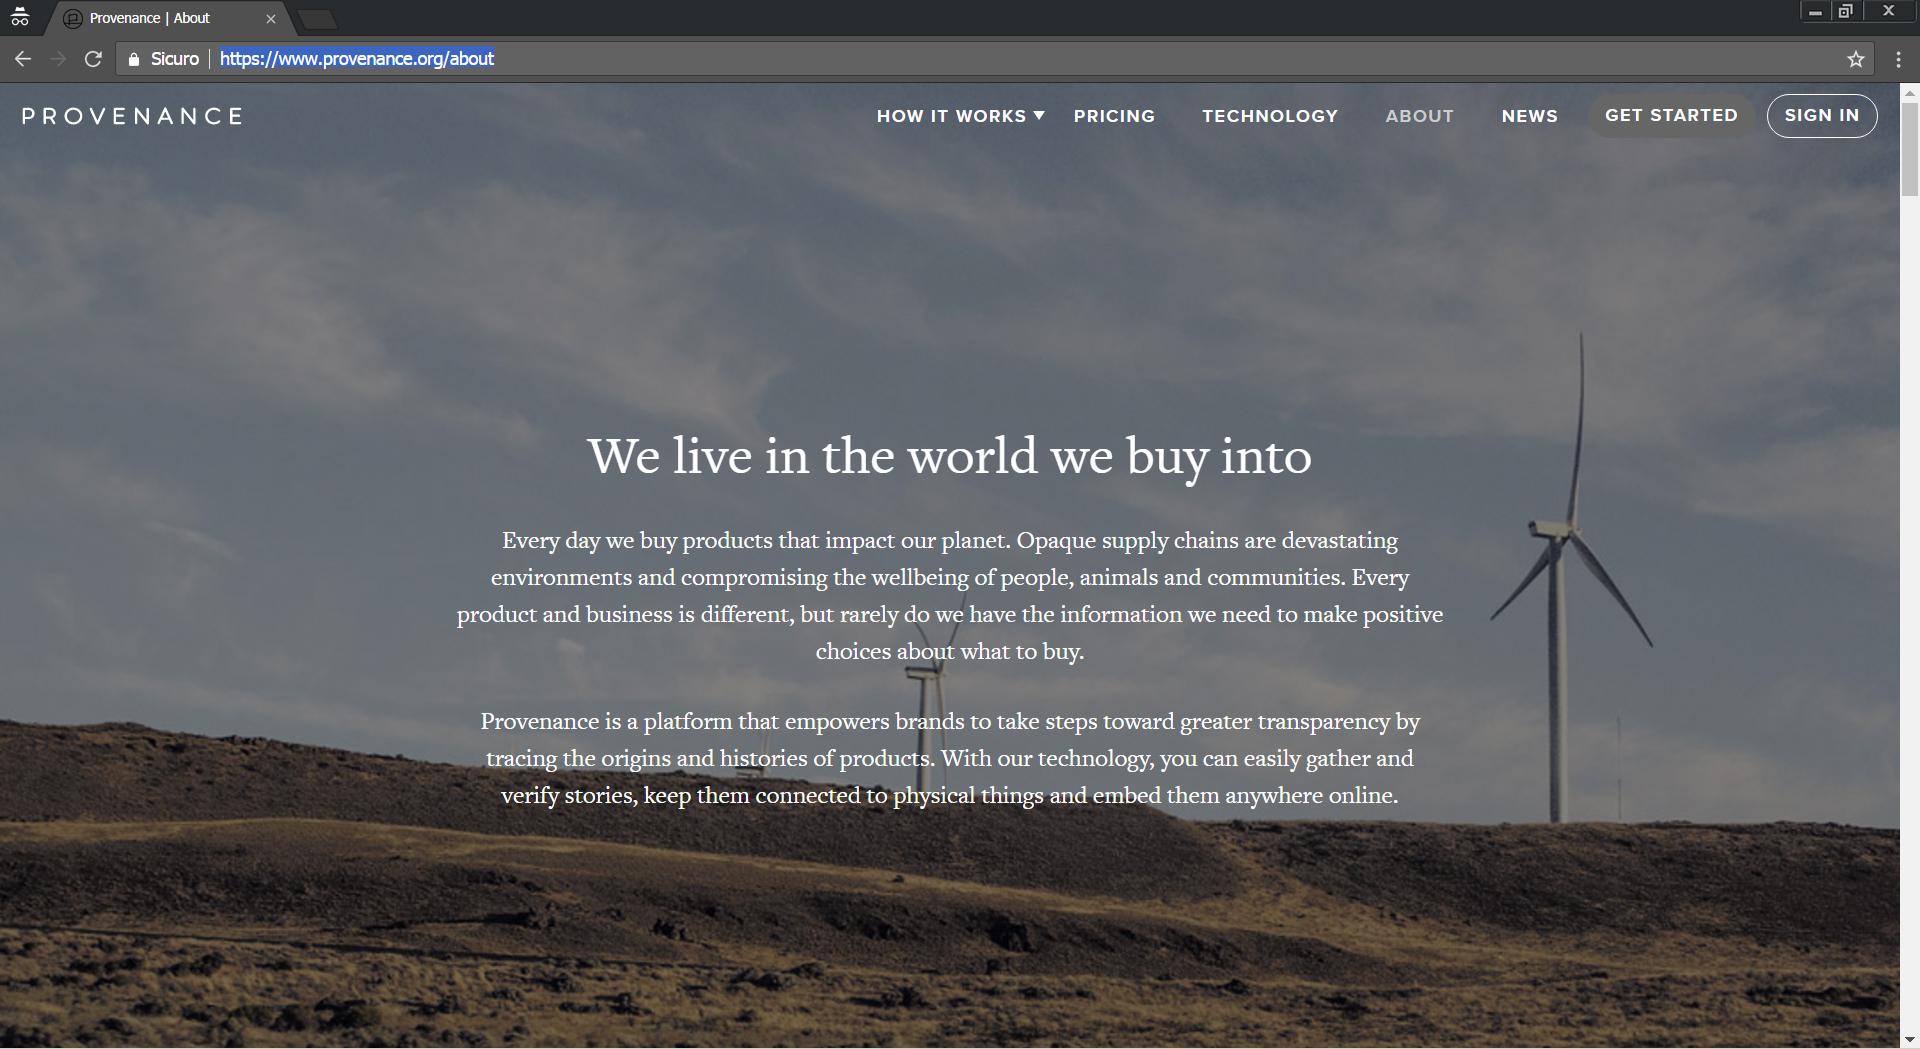 Pagina informativa della piattaforma web Provenance.com